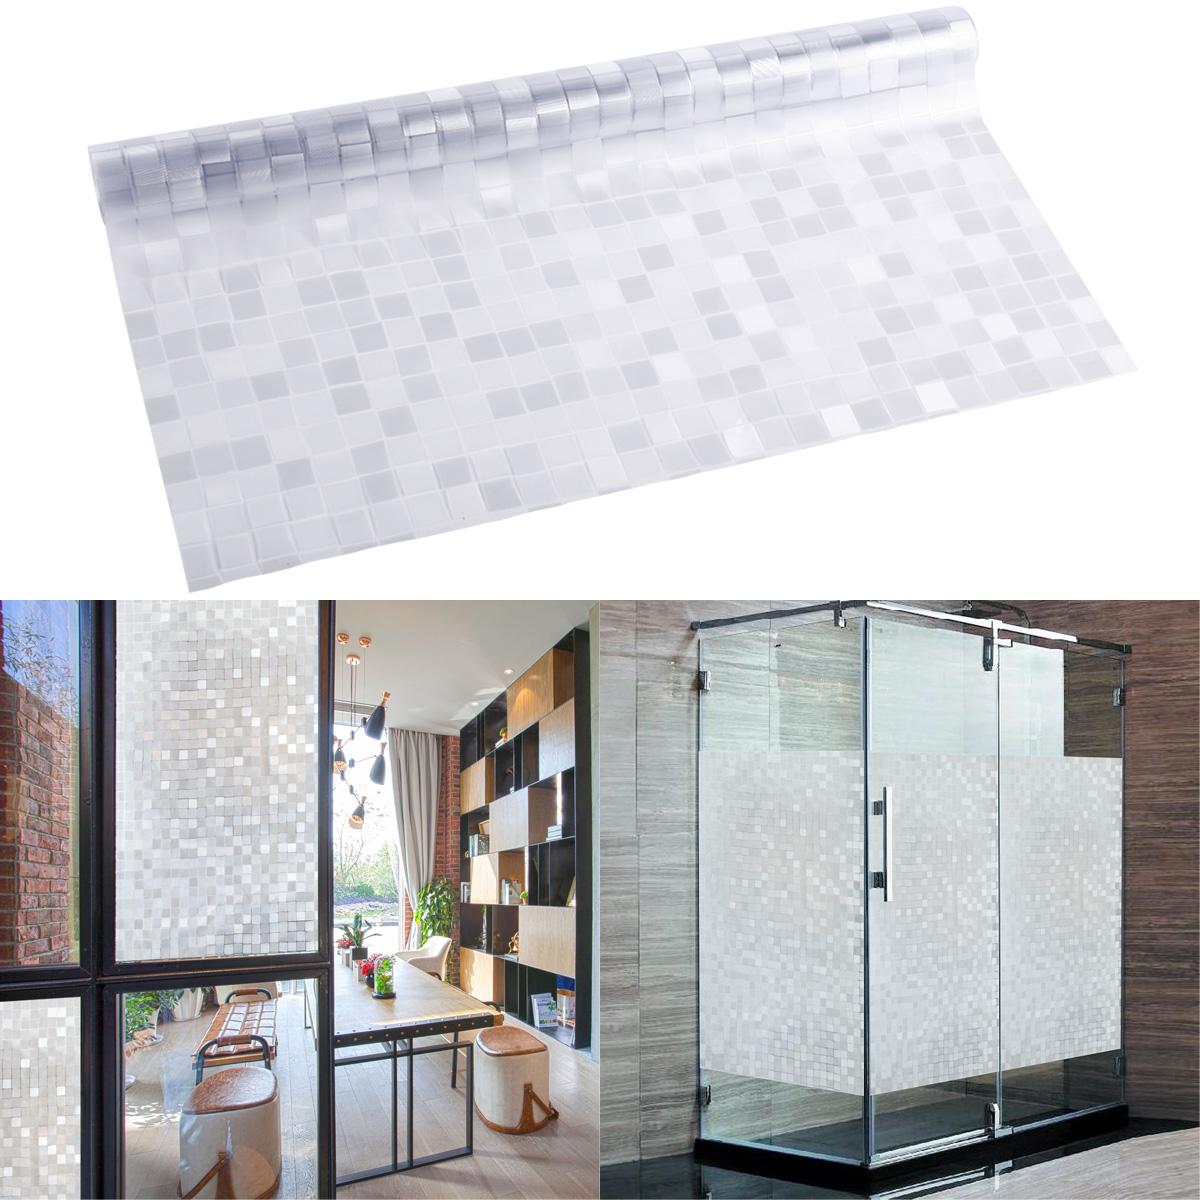 Full Size of Mosaik Fensterfolie Sichtschutz Klebefolie 45x200cm Fenster Herne Holz Alu Online Konfigurieren Insektenschutz Ohne Bohren Fliegengitter Maßanfertigung Mit Fenster Klebefolie Fenster